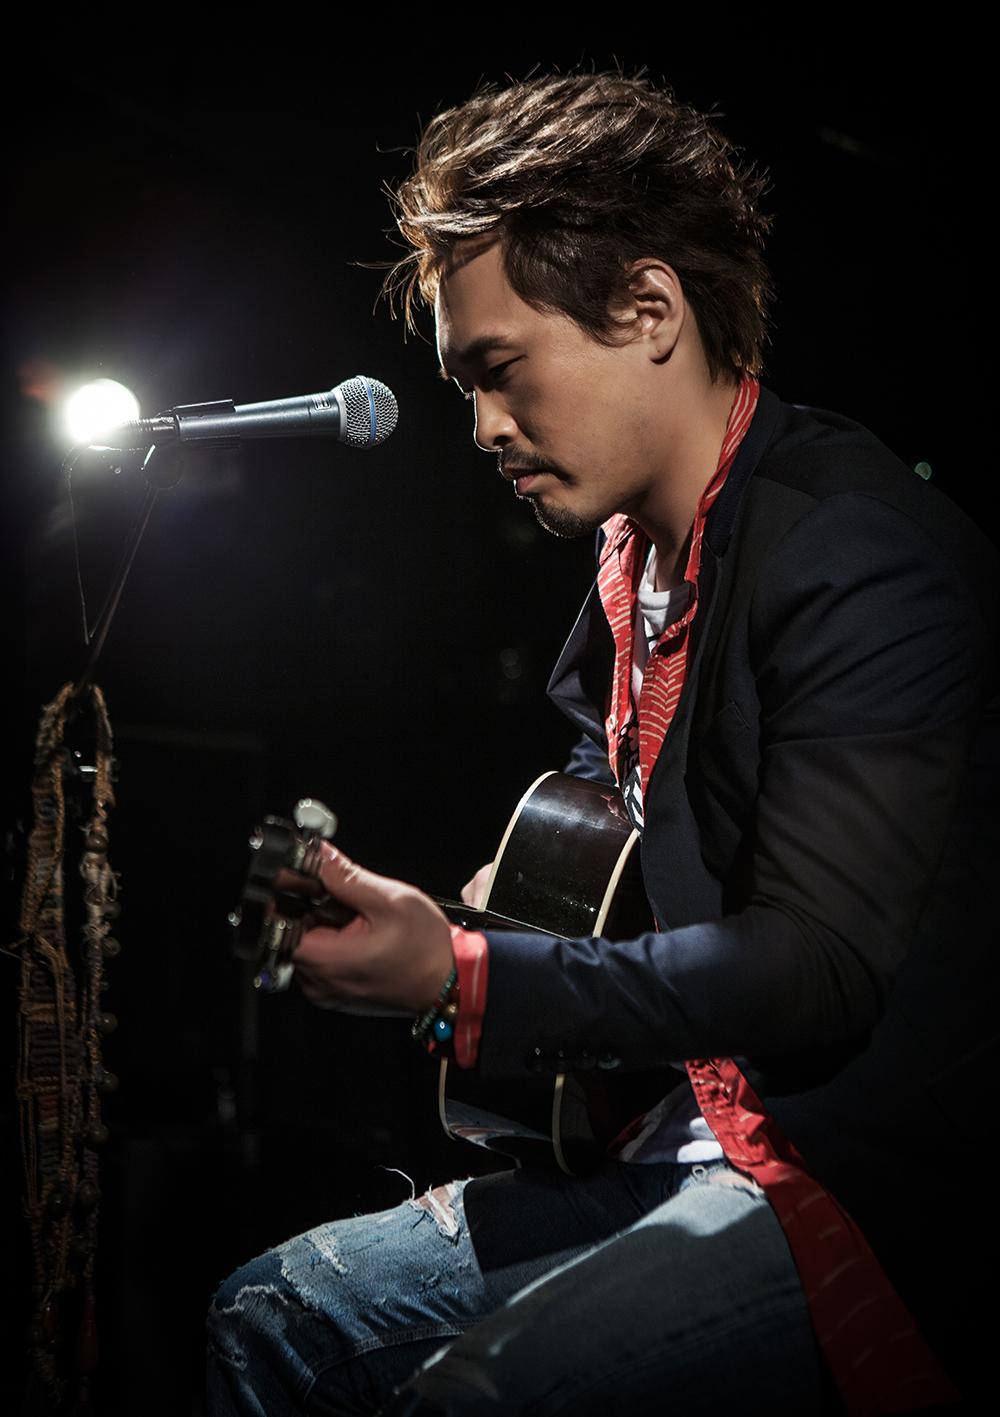 Yukihiro Hasegawa